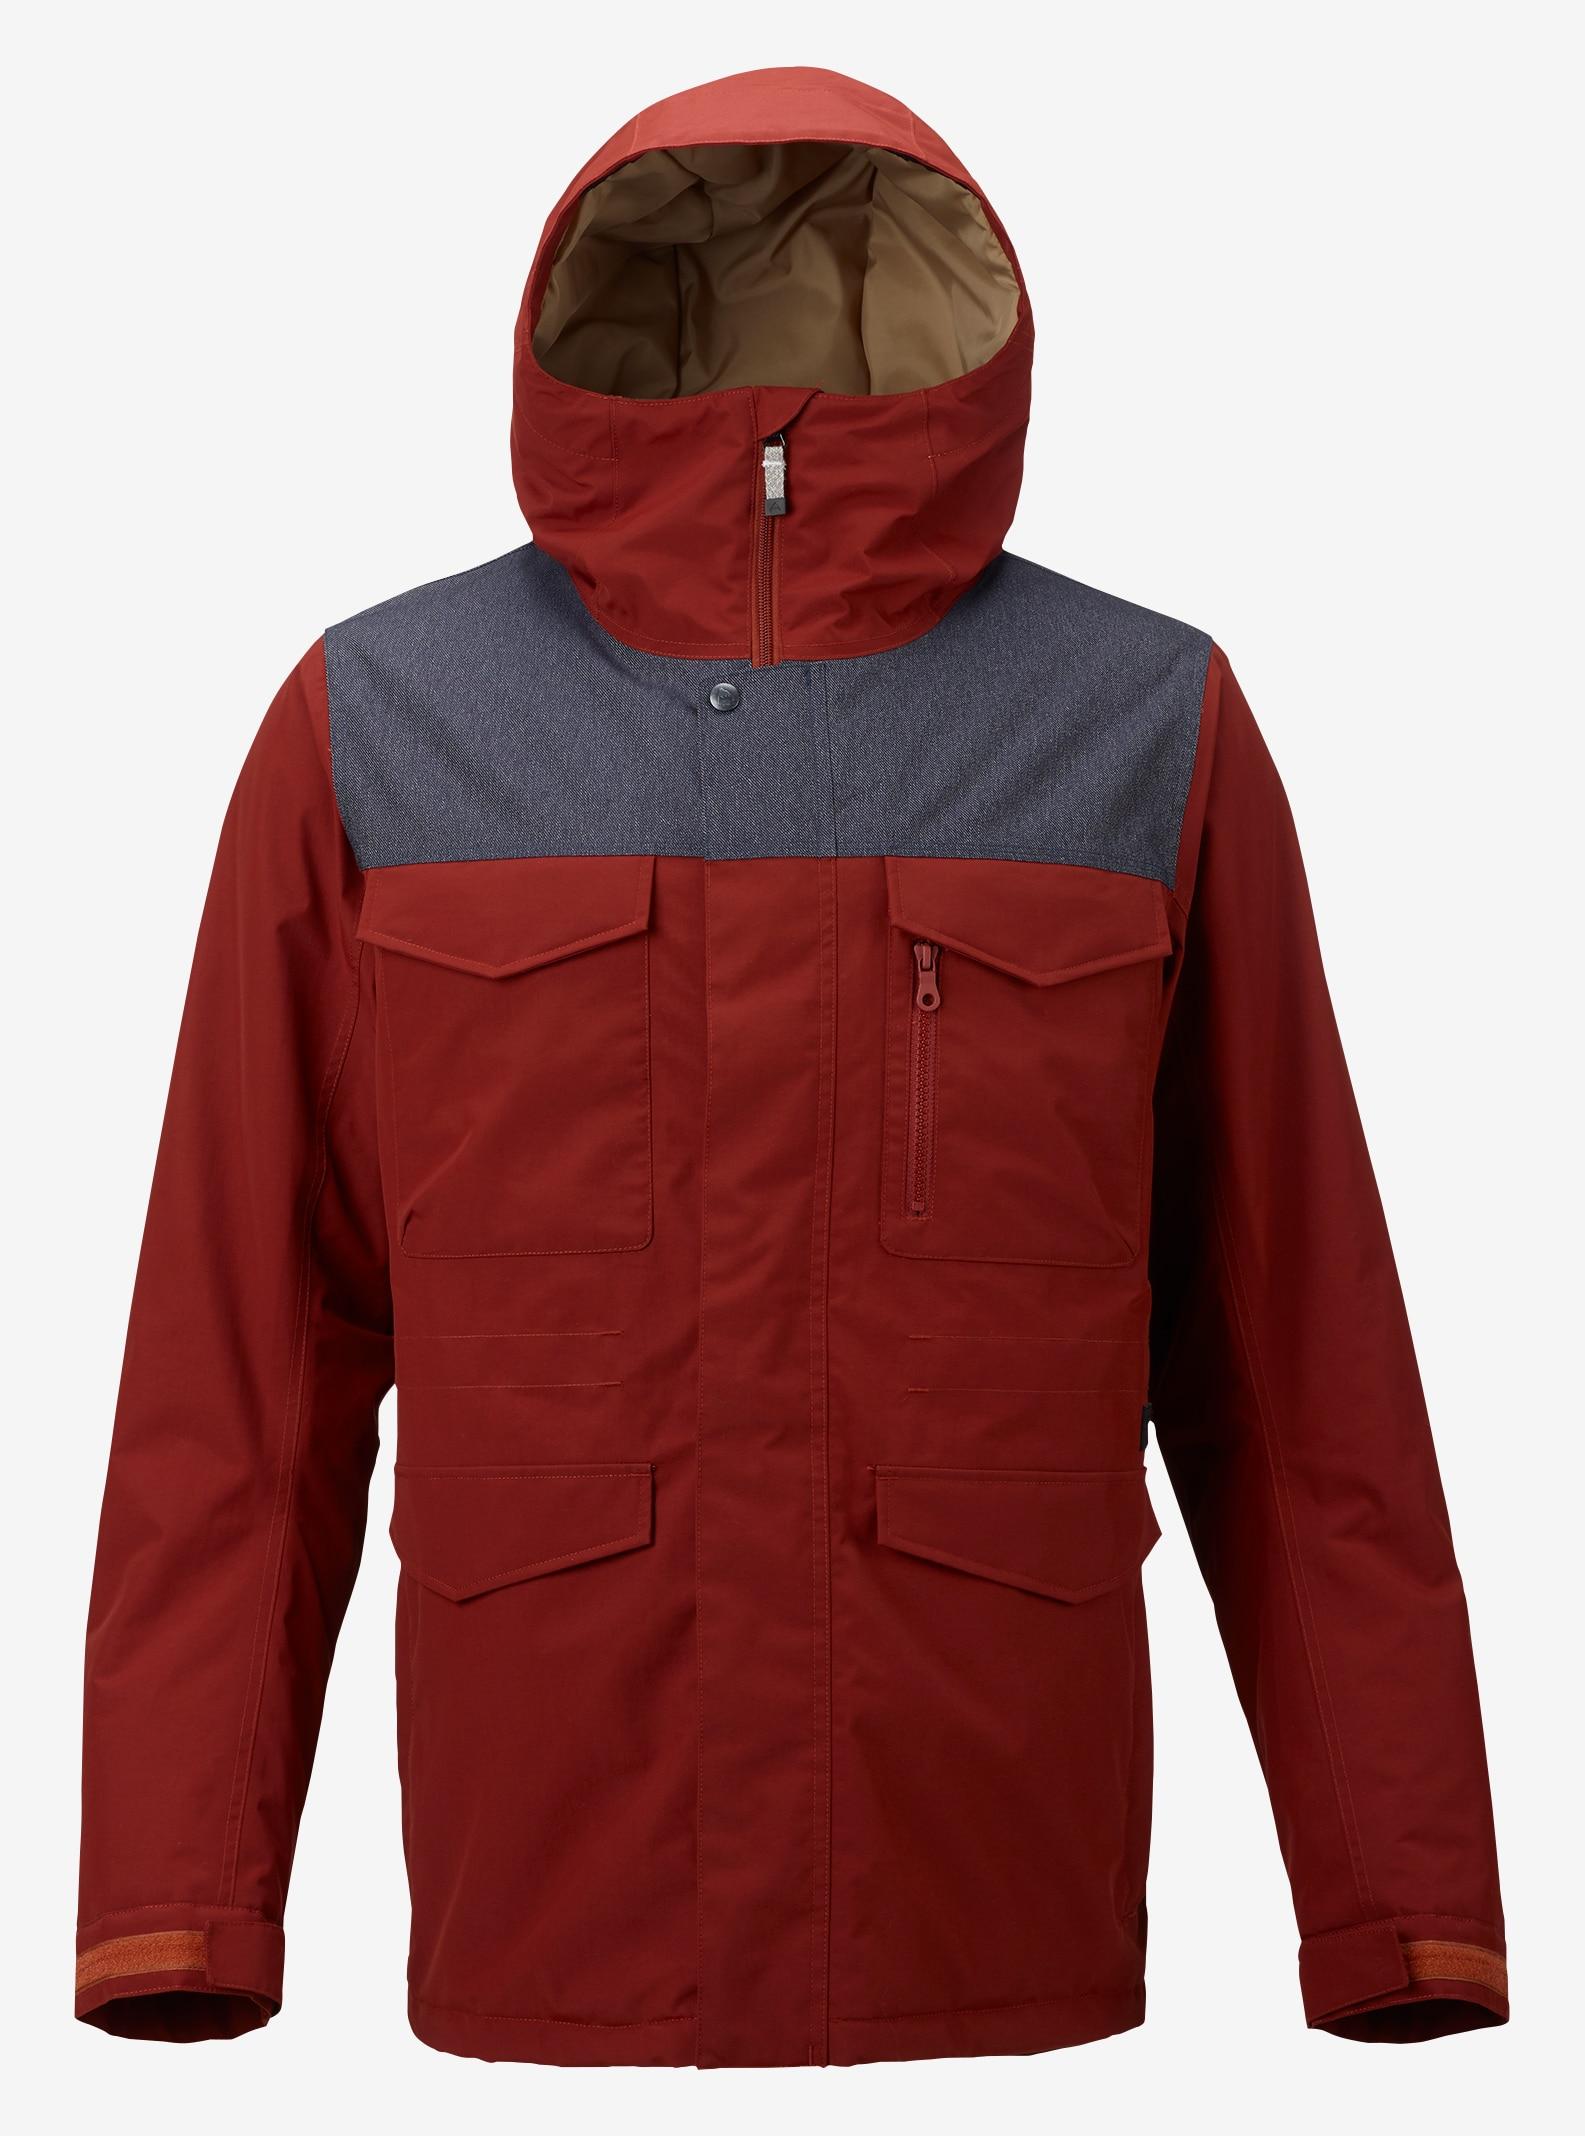 Burton - Manteau isolant Covert pour homme affichage en Fired Brick / Denim